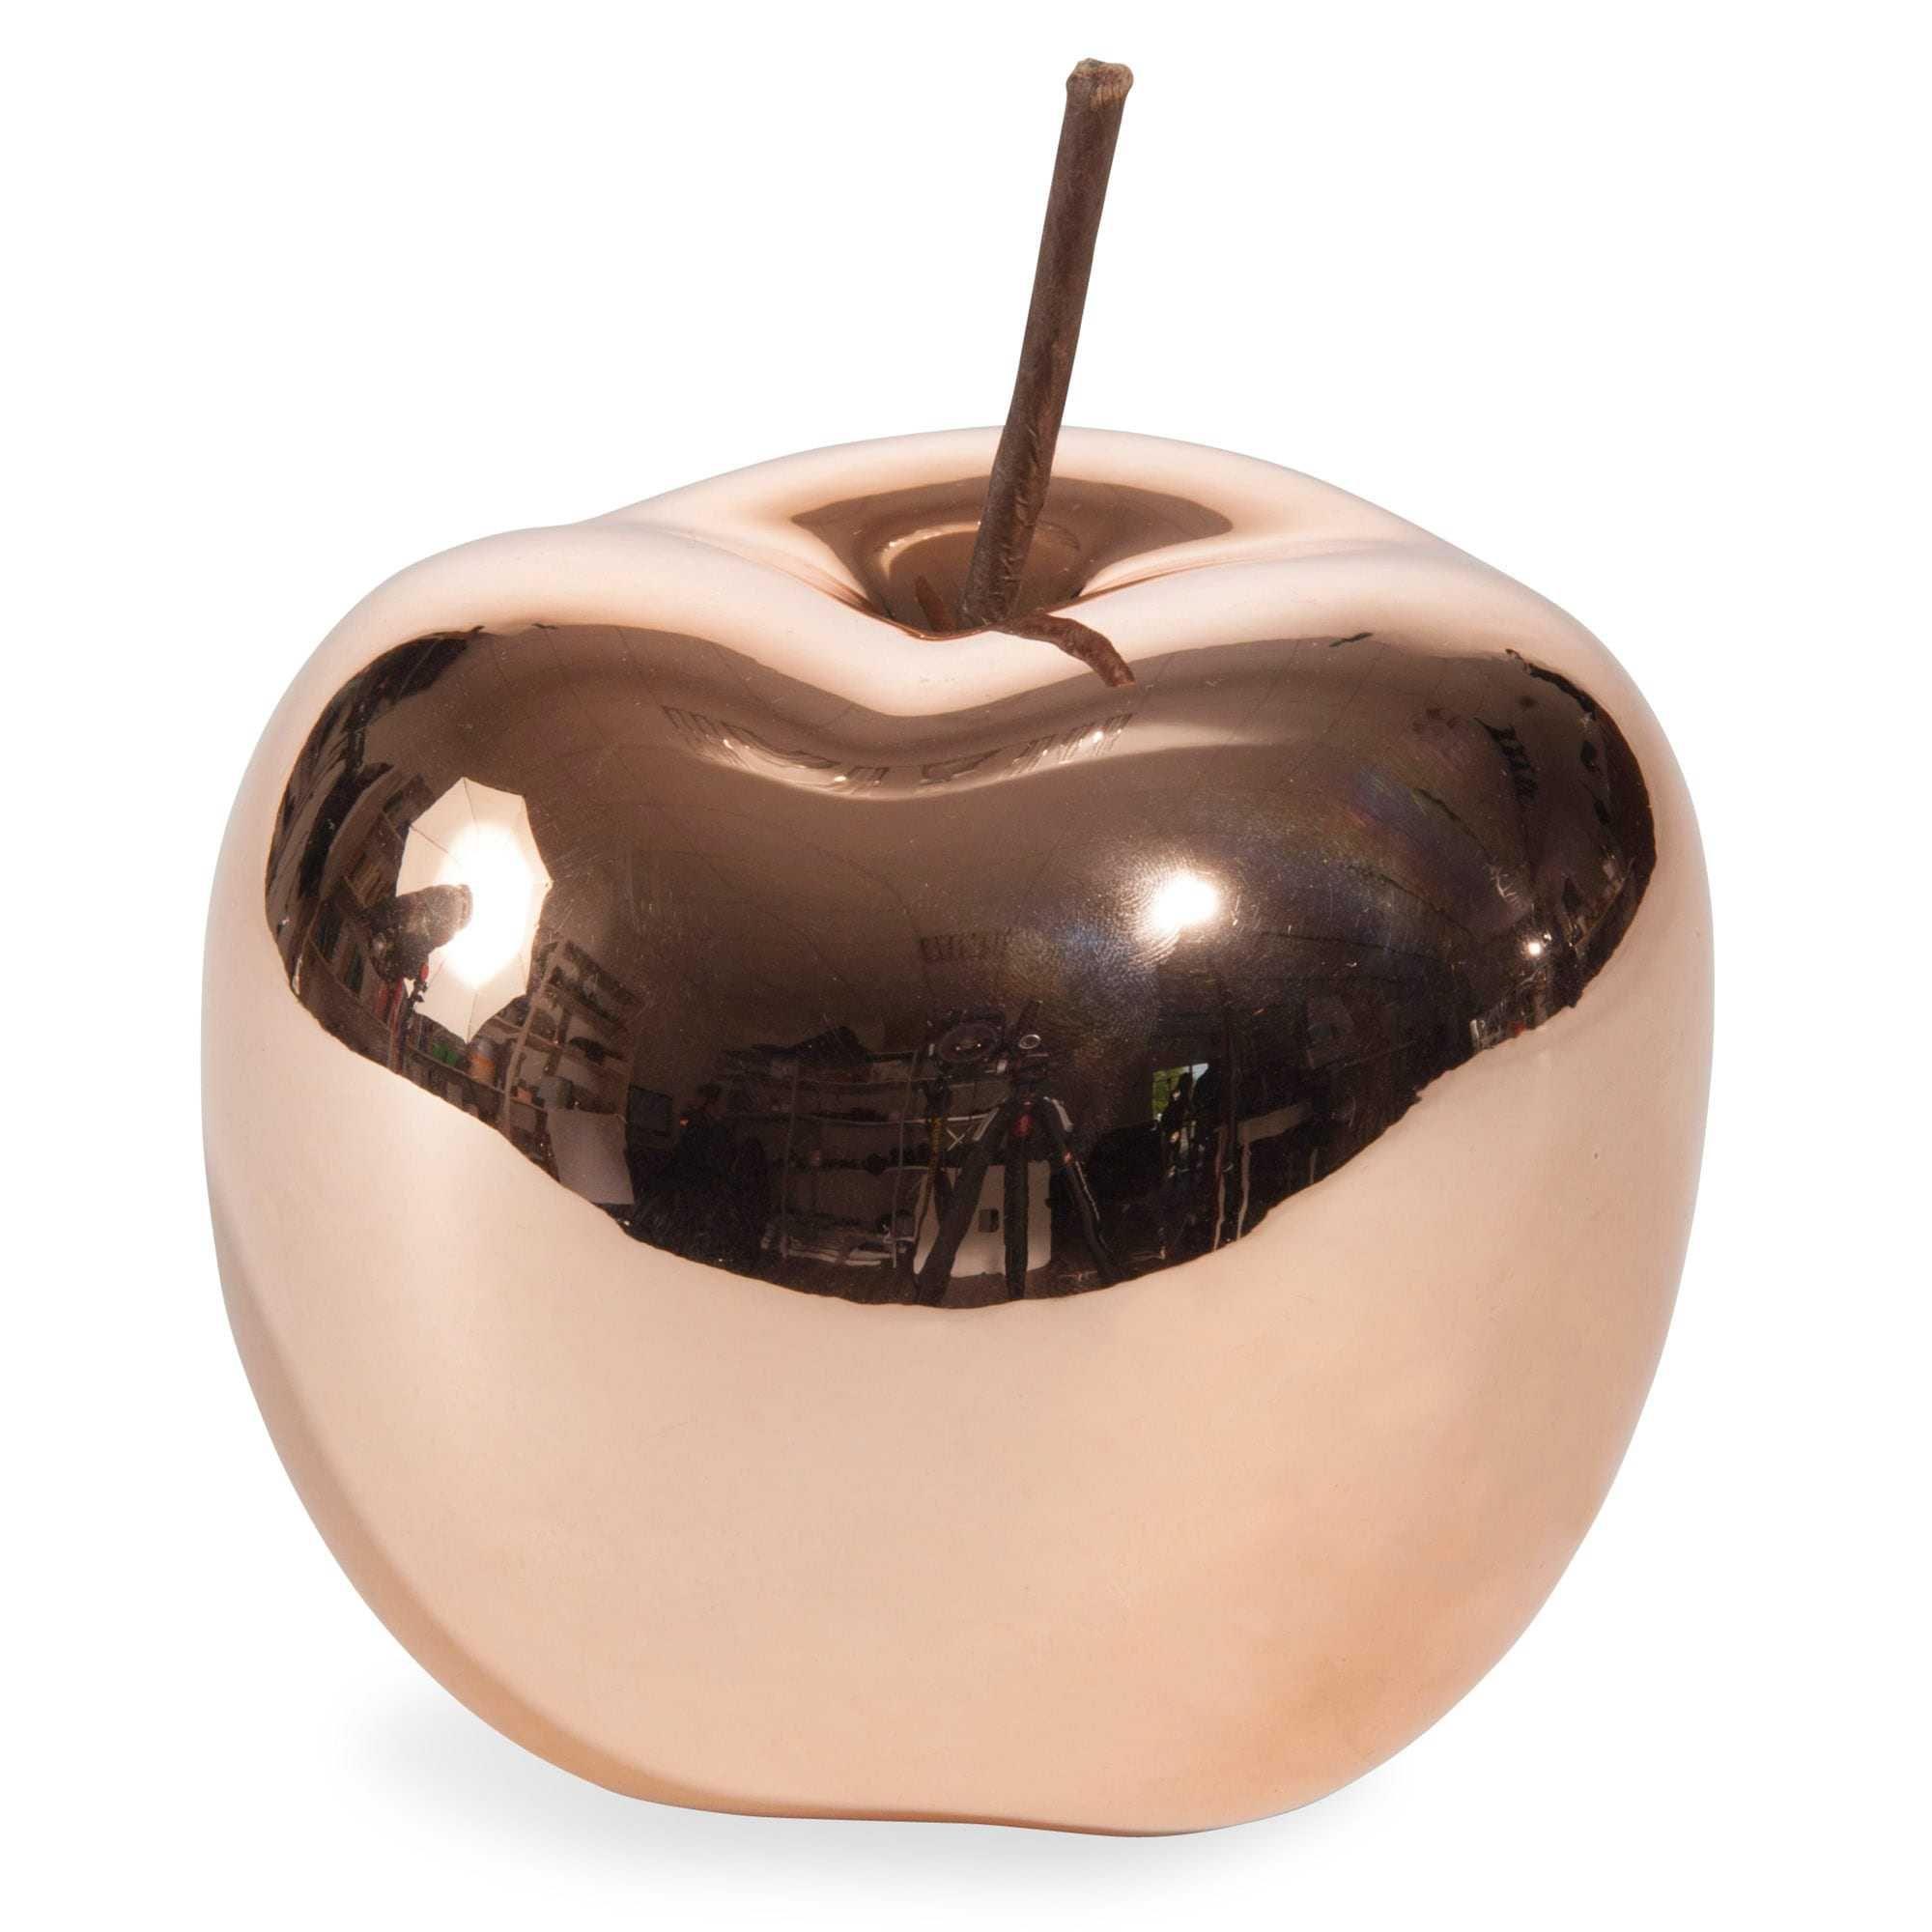 Statuette pomme en c ramique h 12 cm d coration pinterest idee cadeau noel cadeau noel et - Pomme ceramique pour decoration ...